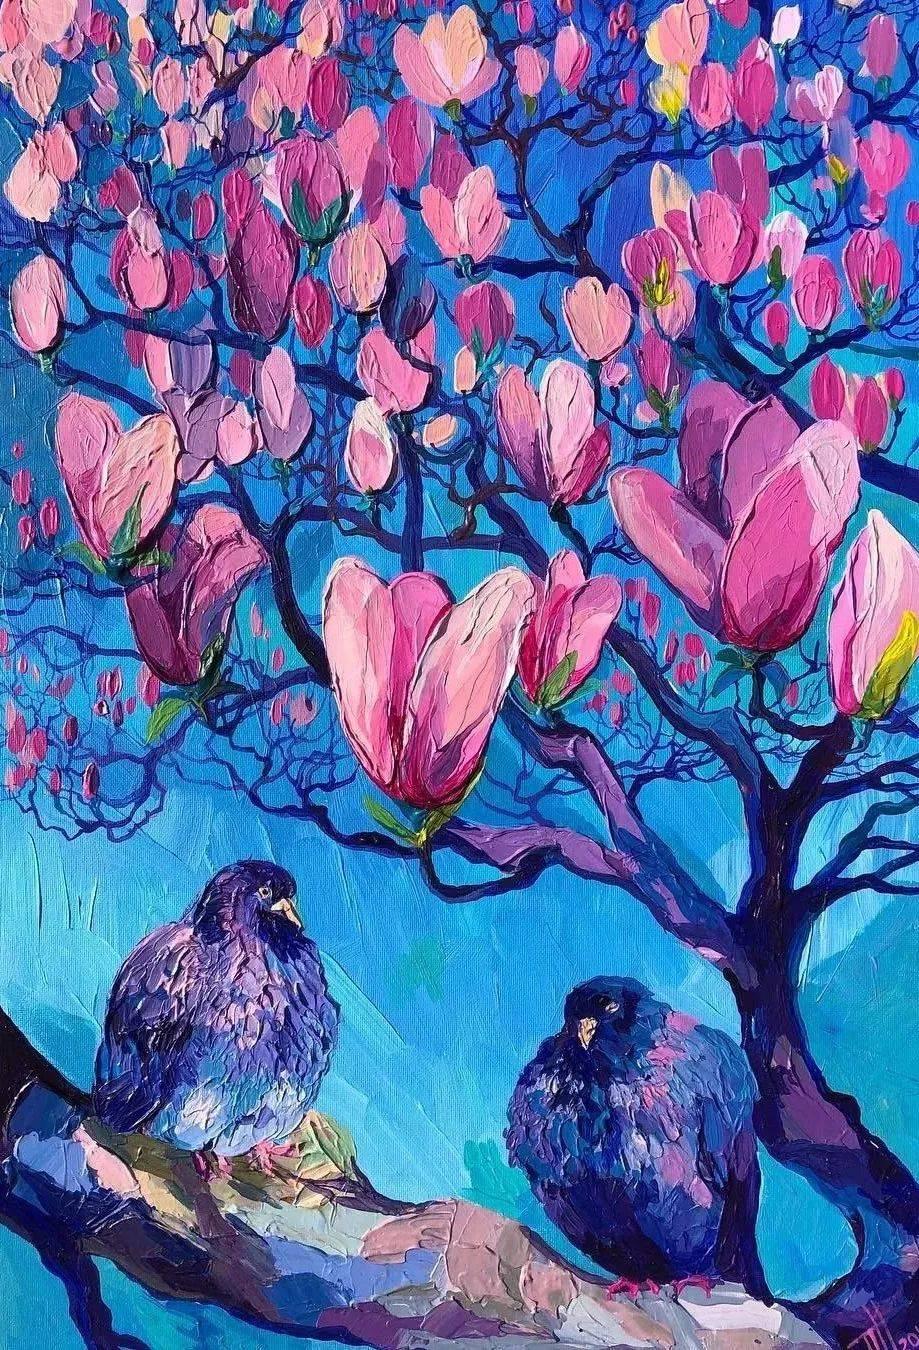 这些厚重的浪漫色彩,美到让人移不开眼!